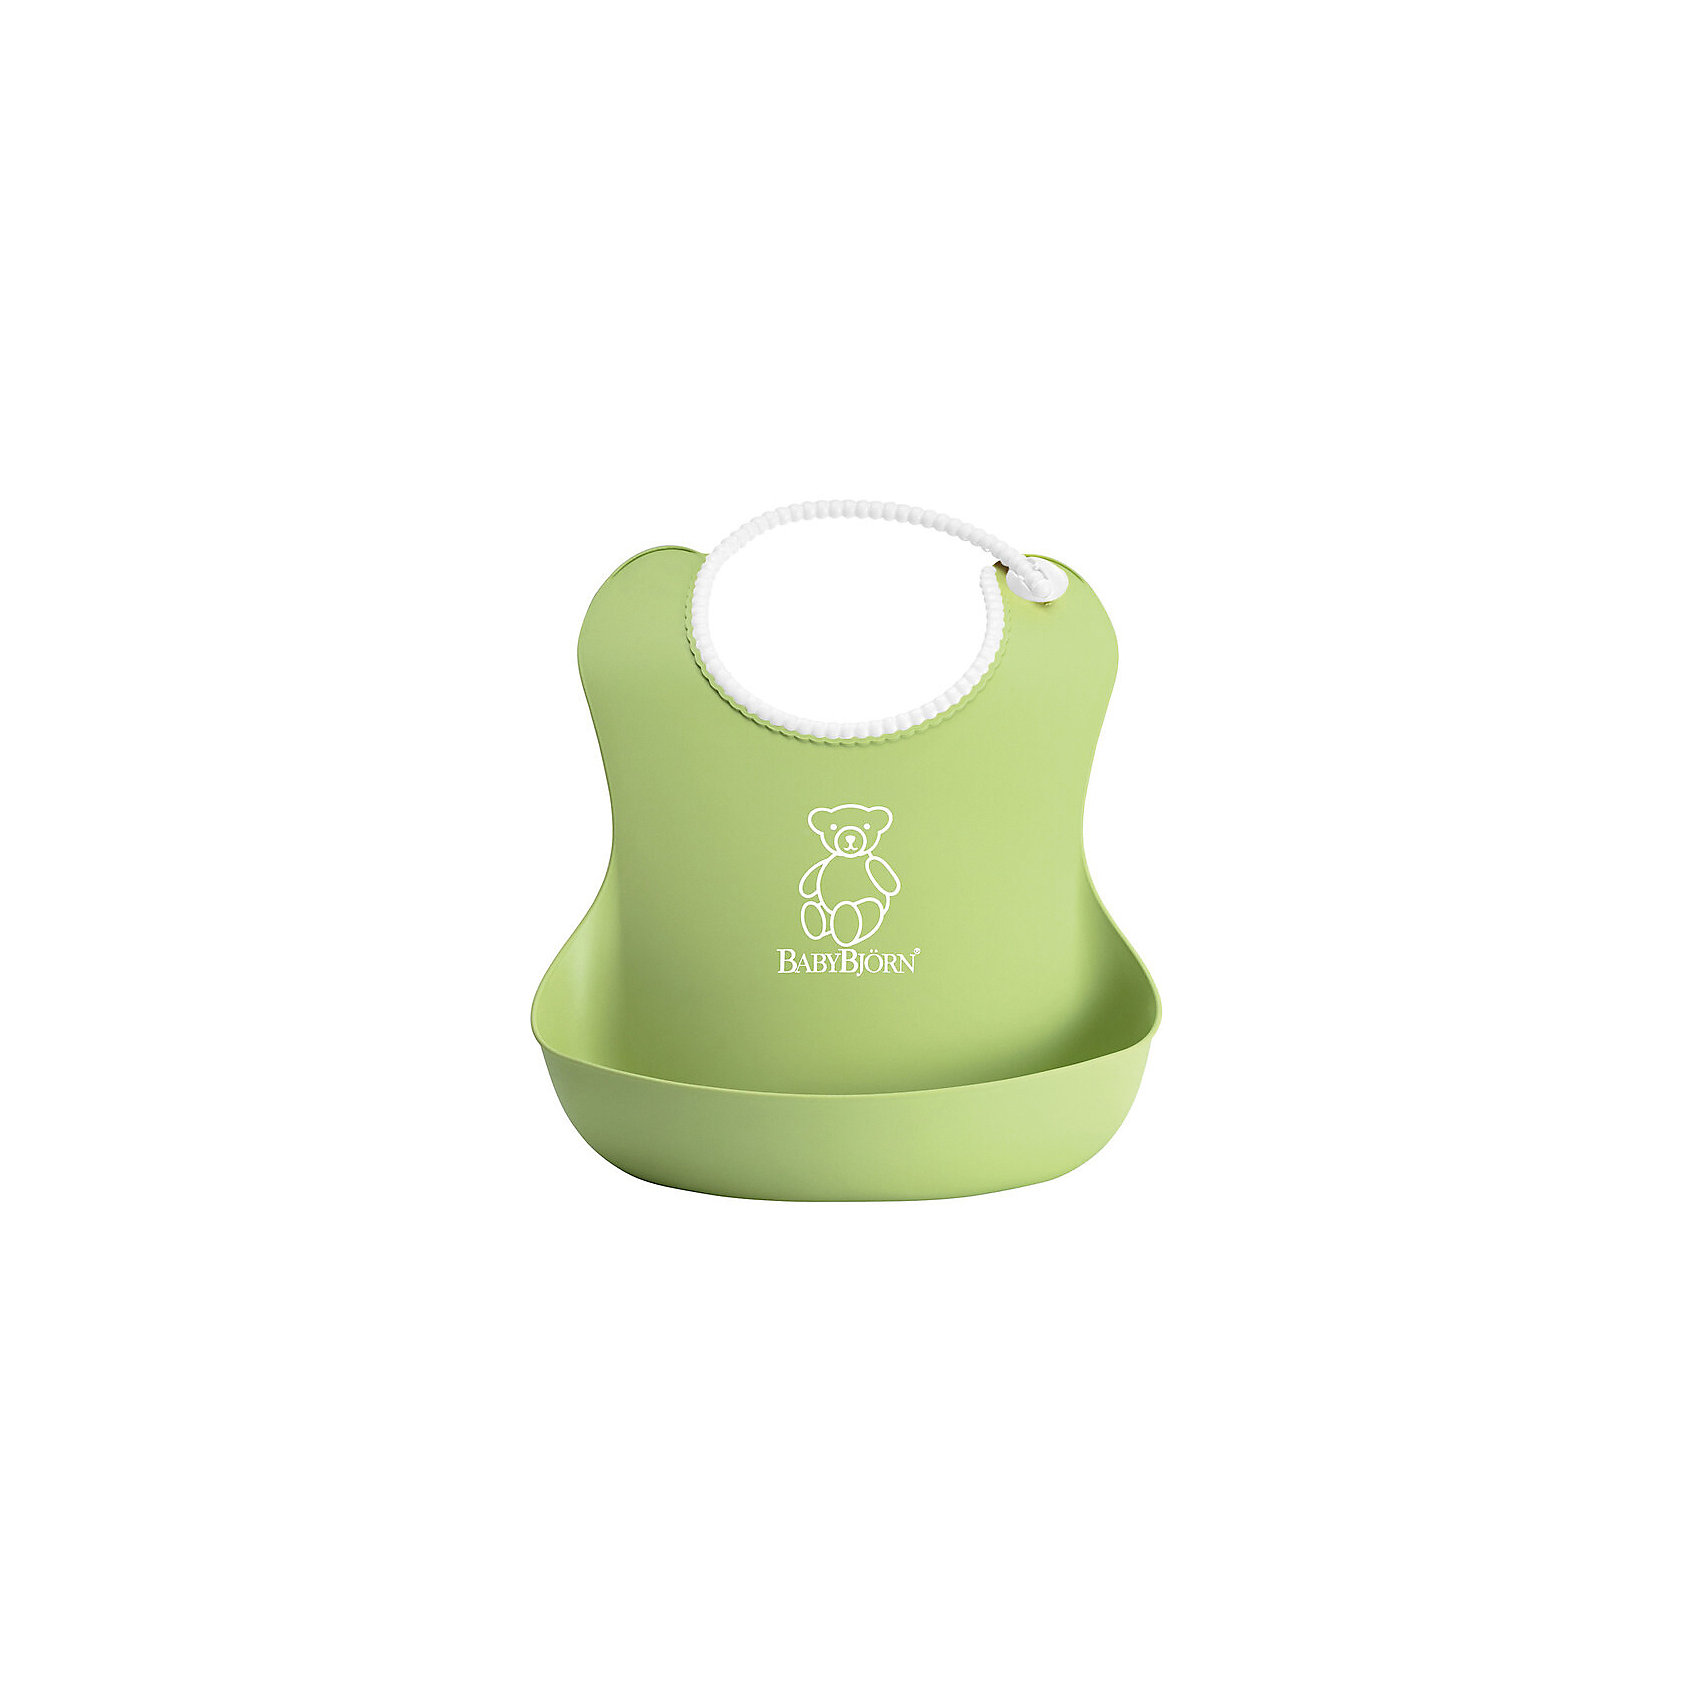 Мягкий нагрудник с карманом BabyBjorn, зеленыйНесоотнесенные<br>Мягкий нагрудник с карманом BabyBjorn (БэйбиБьёрн) - функциональный и удобный нагрудник для активных детишек!<br><br>Этот нагрудник является незаменимым помощником для родителей, чьи дети активны во время еды. <br><br>Эргономичный дизайн нагрудника идеально подходит к строению тела малыша. Не стоит переживать из-за того, что нагрудник изготовлен из мягкого пластика - горловина очень мягкая, поэтому не поцарапает шею малыша, а замочек легко застёгивается. Вся пища останется в специальном кармане для улавливания пищи, сам нагрудник легко мыть даже в посудомоечной машине. <br><br>Яркий дизайн улучшит аппетит малыша во время самостоятельного приёма пищи! <br><br>Мягкий нагрудник с карманом BabyBjorn можно купить в нашем интернет-магазине.<br><br>Дополнительная информация:<br><br>- Размер горловины: 19-30 см.<br>- Цвет: зеленый.<br>- Материал: полиэстат. Не содержит фталатов или ПВХ.<br><br>Мягкий нагрудник с карманом BabyBjorn, зеленый можно купить в нашем магазине.<br><br>Ширина мм: 254<br>Глубина мм: 324<br>Высота мм: 71<br>Вес г: 102<br>Возраст от месяцев: 4<br>Возраст до месяцев: 36<br>Пол: Унисекс<br>Возраст: Детский<br>SKU: 2157583